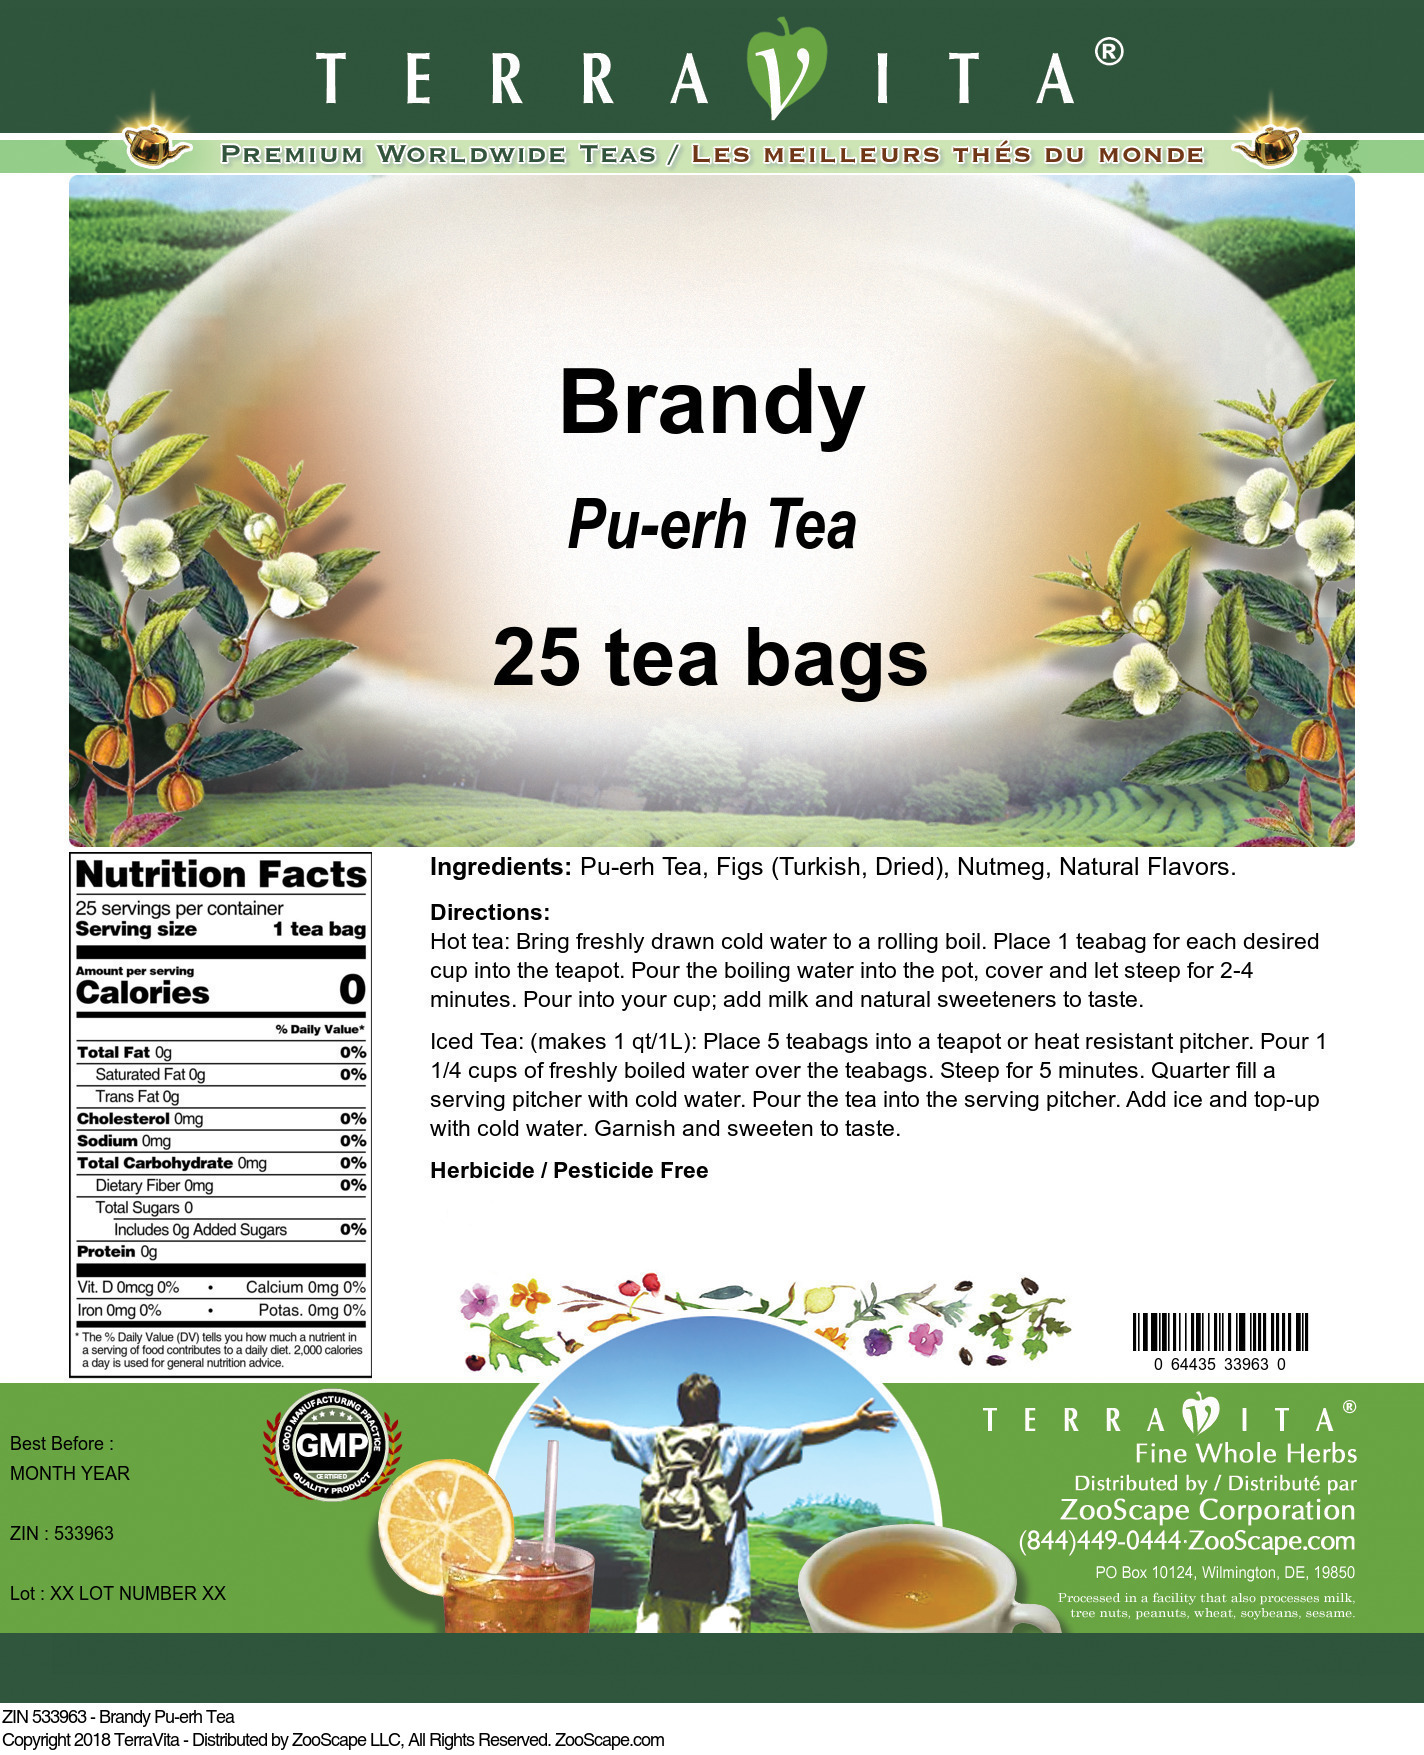 Brandy Pu-erh Tea